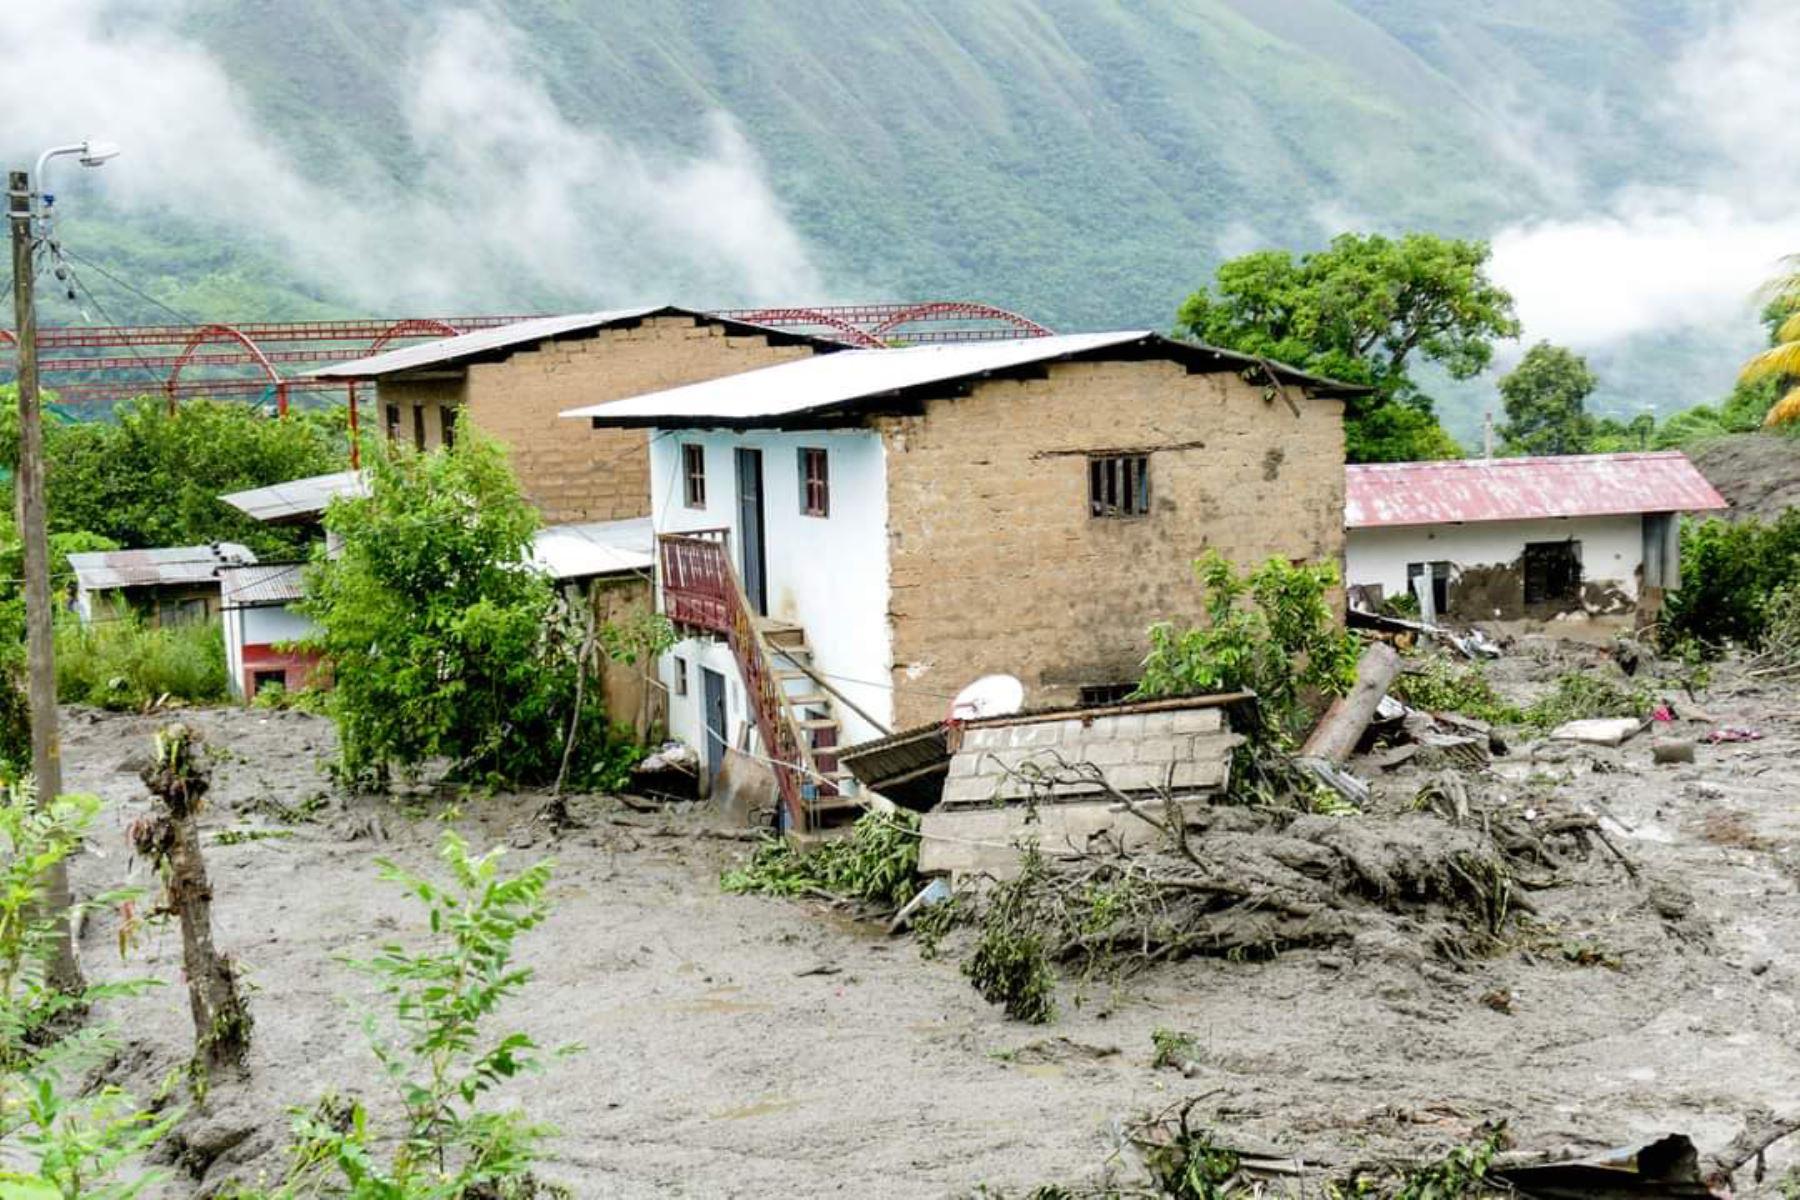 Se prorrogó el estado de emergencia en el distrito de Echarati, en Cusco, uno de los distritos más afectados por las lluvias intensas. ANDINA/Percy Hurtado Santillán